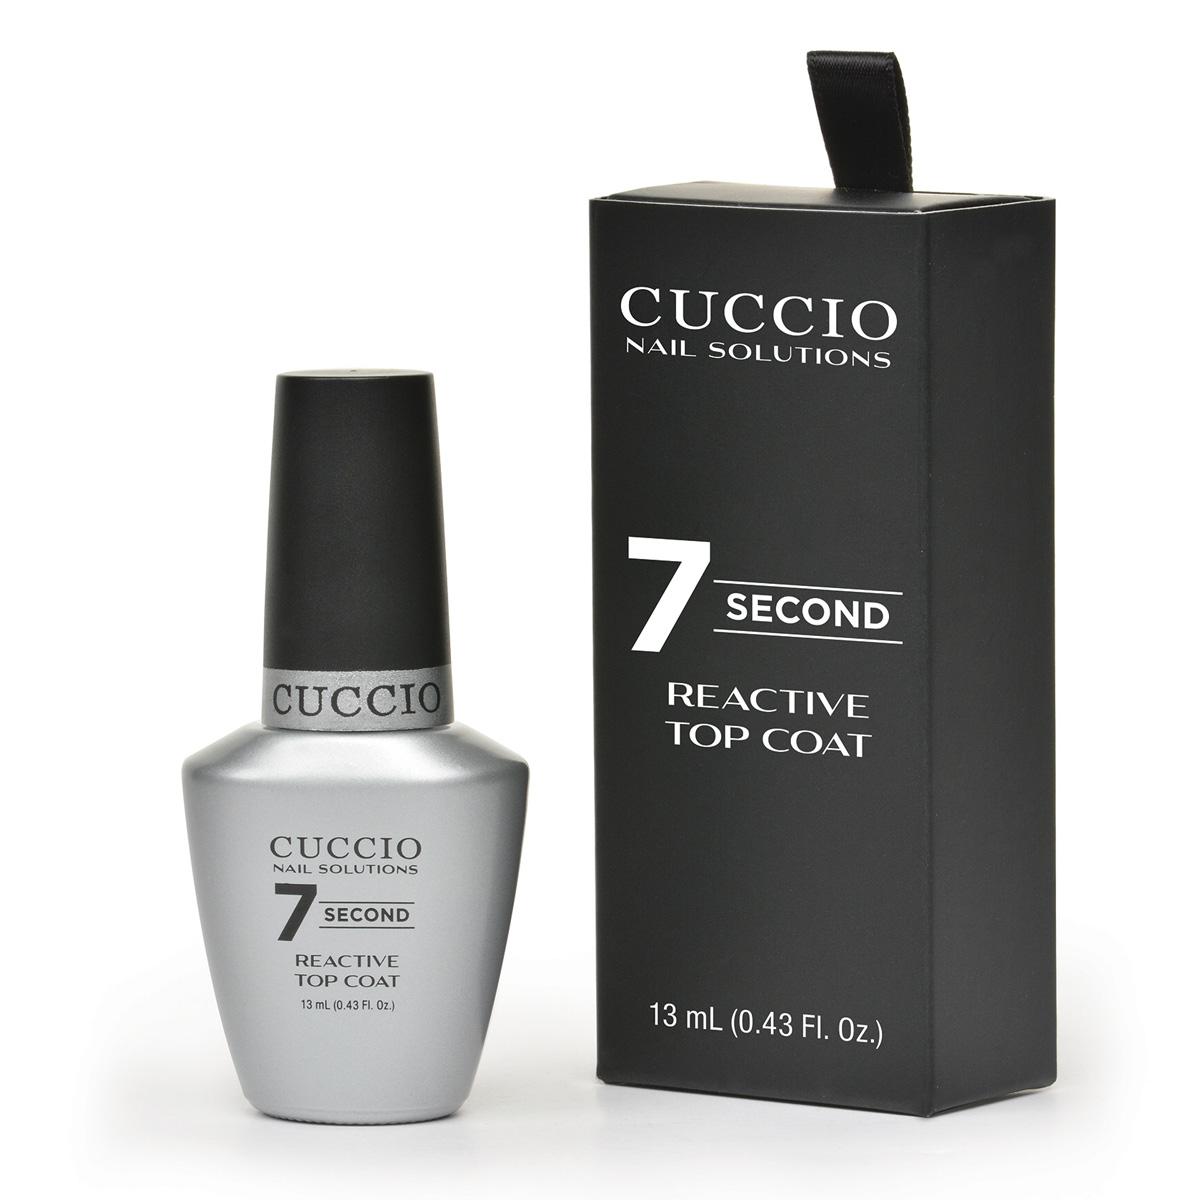 Meet Cuccio\'s New 7-Second Reactive Top Coat - Nailpro